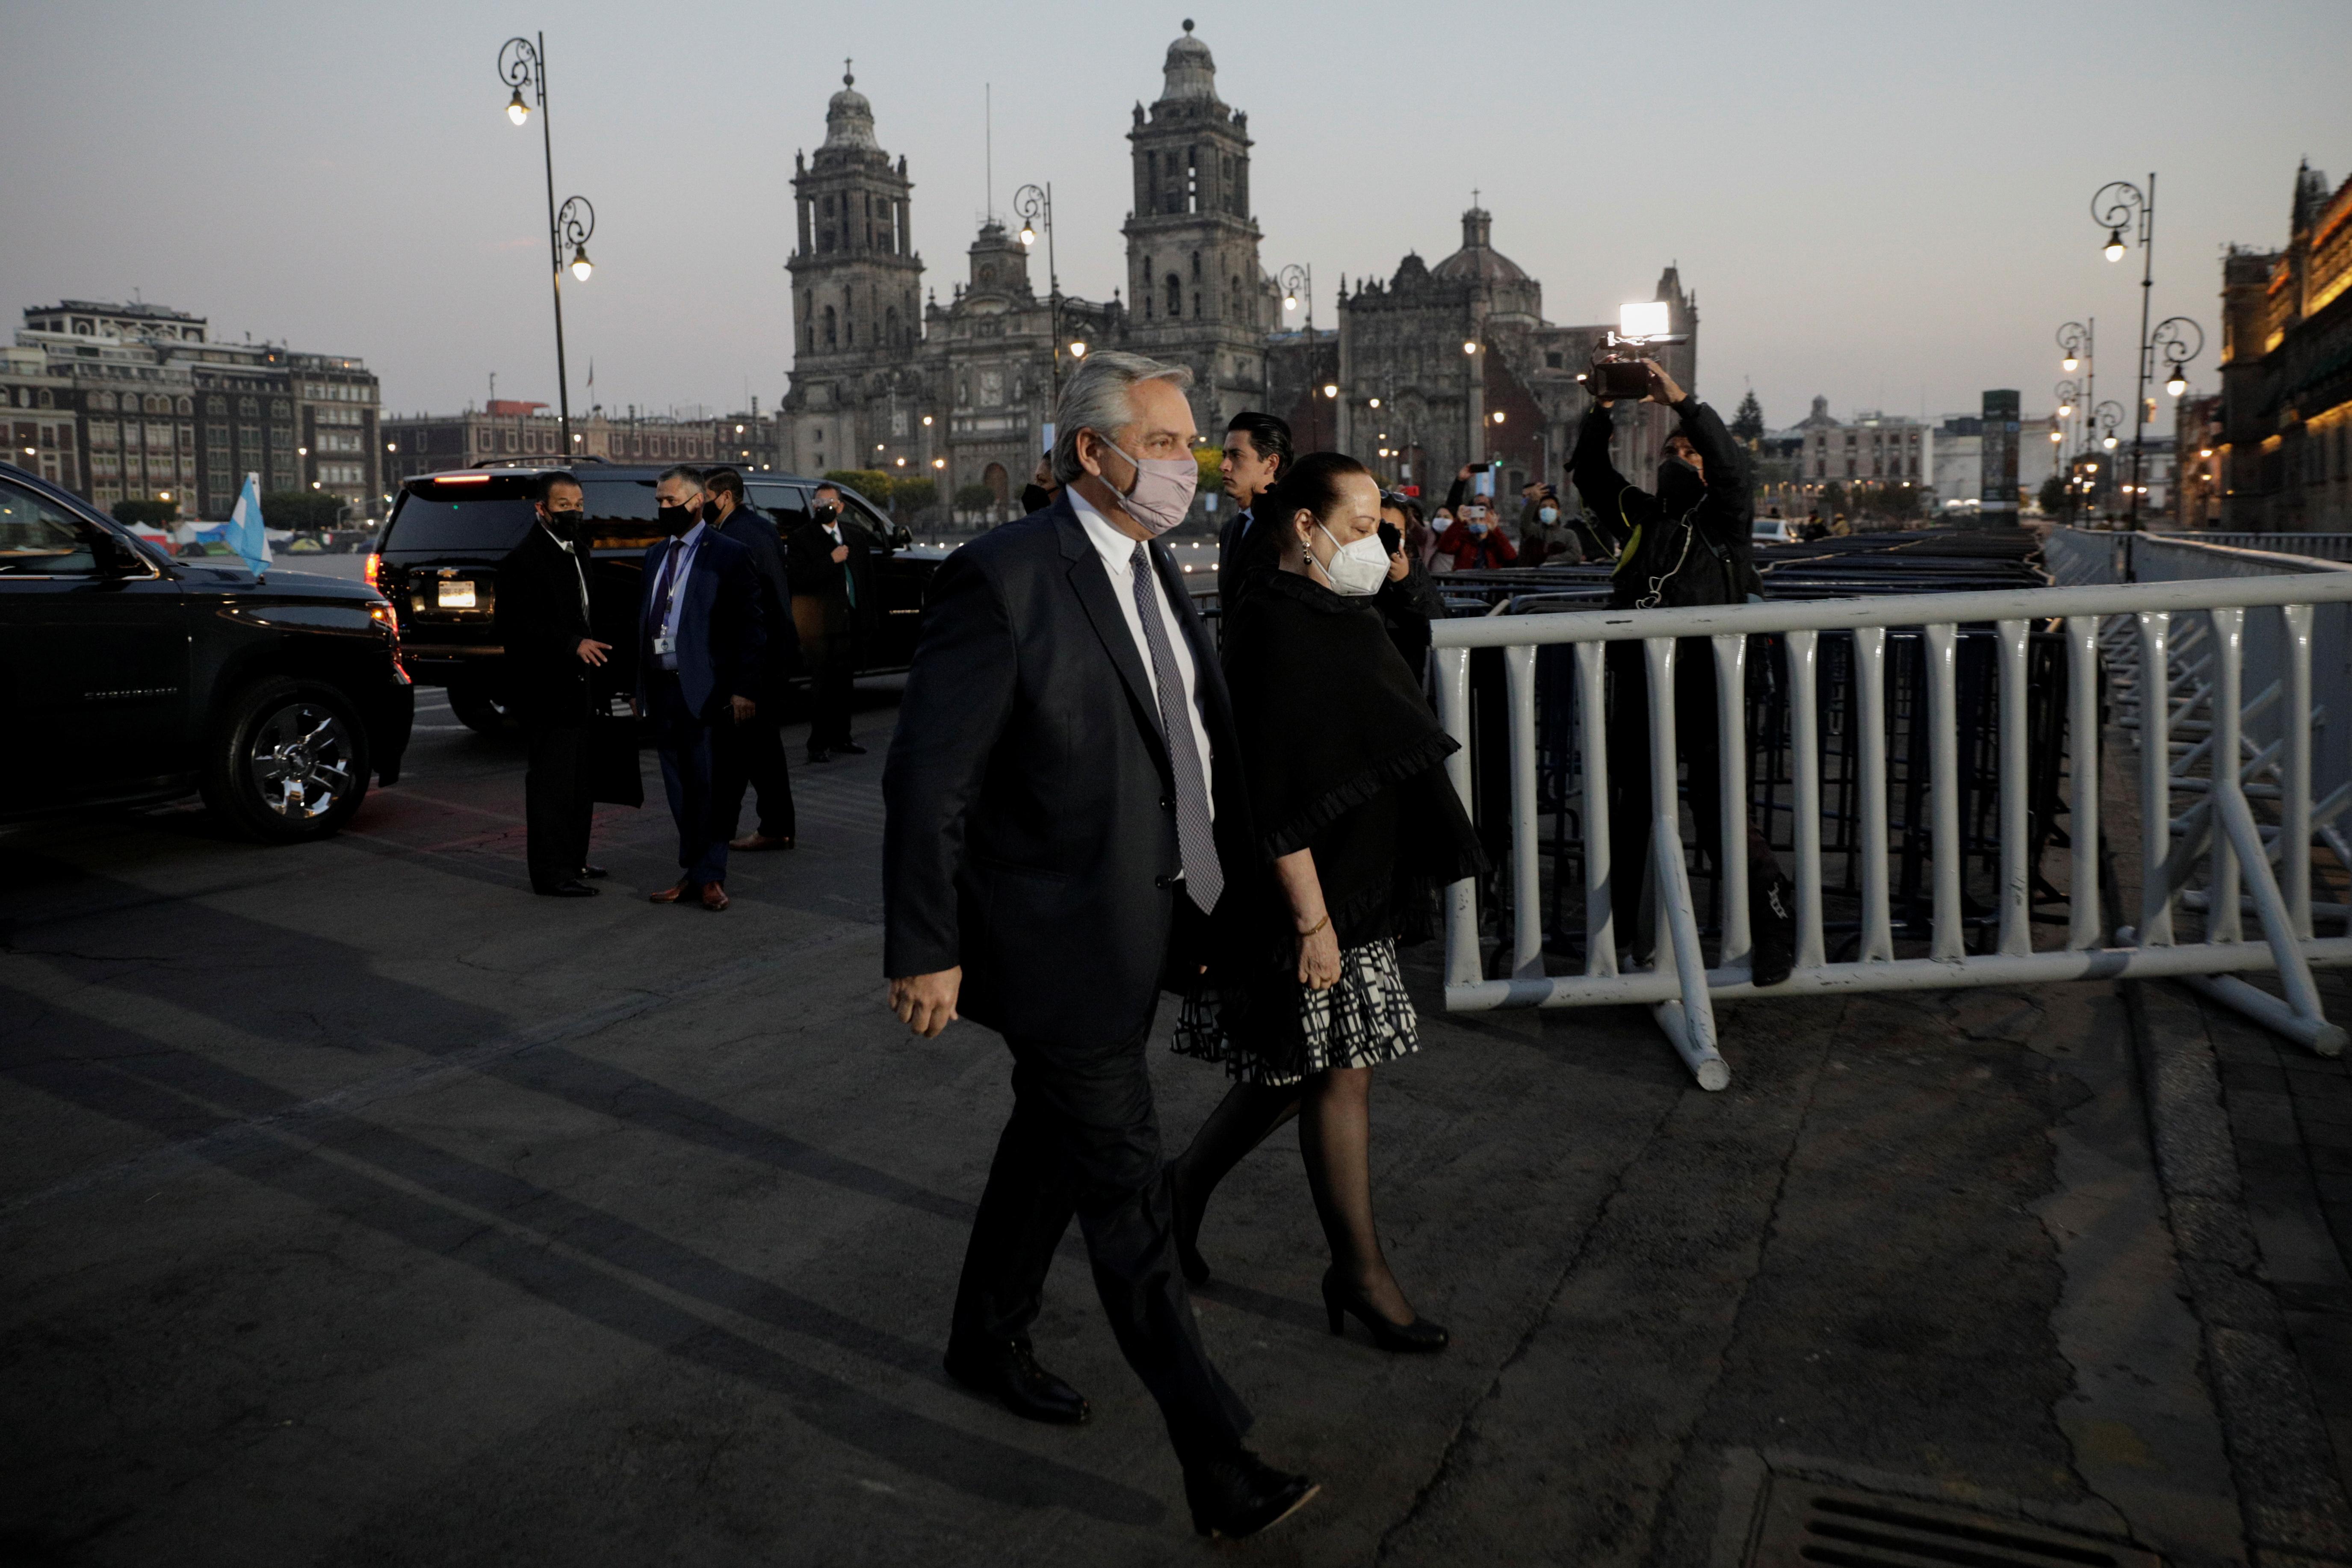 El presidente de Argentina, Alberto Fernández, llega al Palacio Nacional para una reunión con Andrés Manuel López Obrador, en el centro de la Ciudad de México, México, el 23 de febrero de 2021.